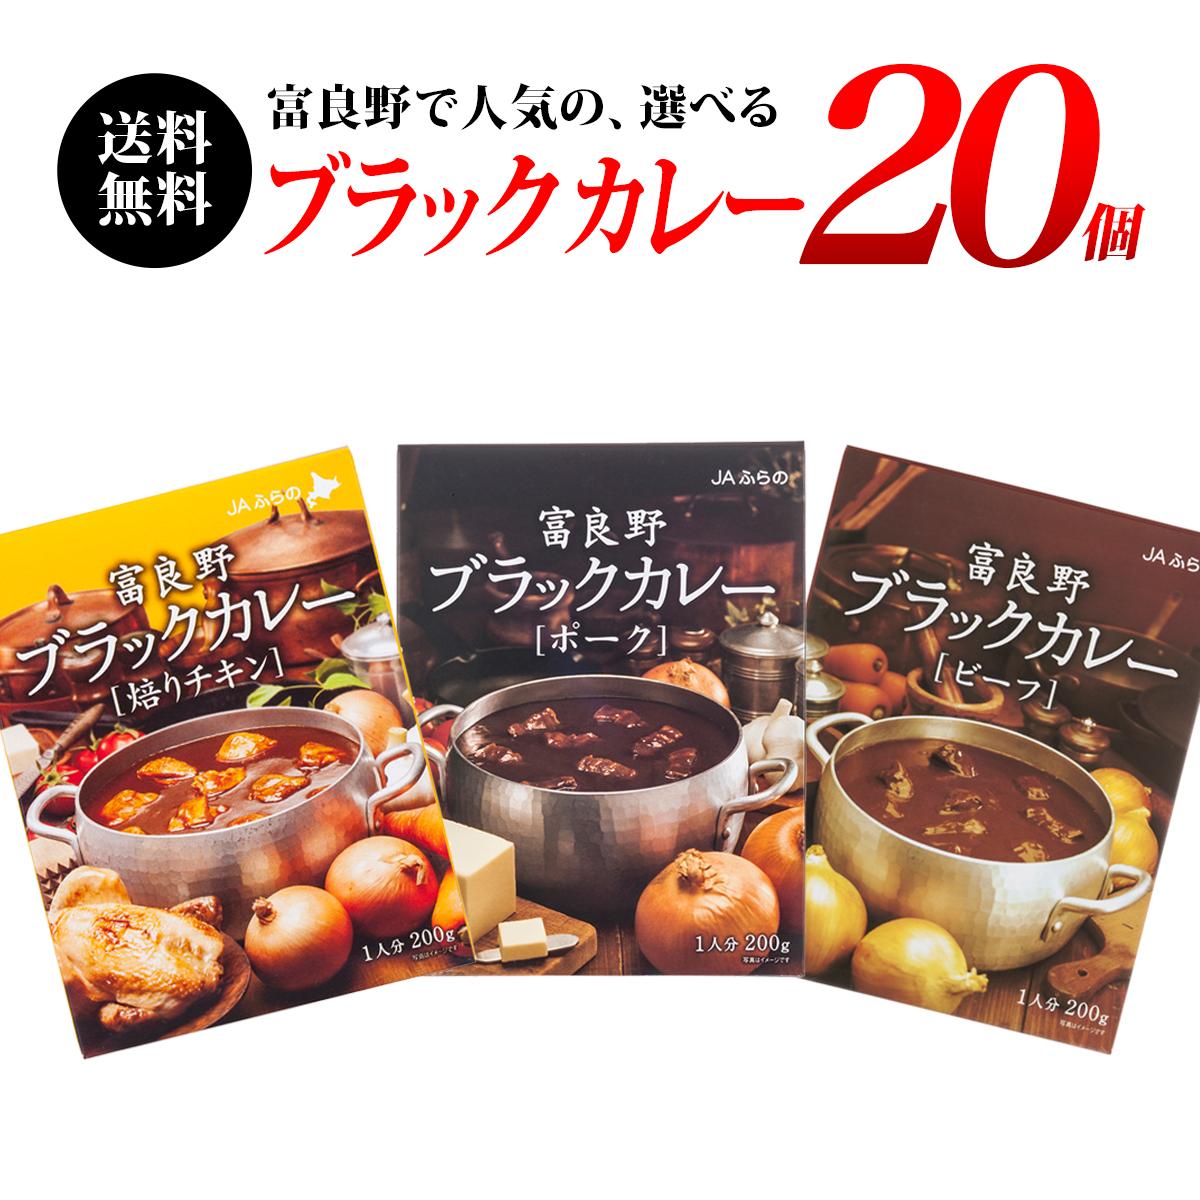 送料無料 セール価格 ふらので人気の選べる富良野ブラックカレー ビーフ 焙りチキン トラスト 20個 ポーク